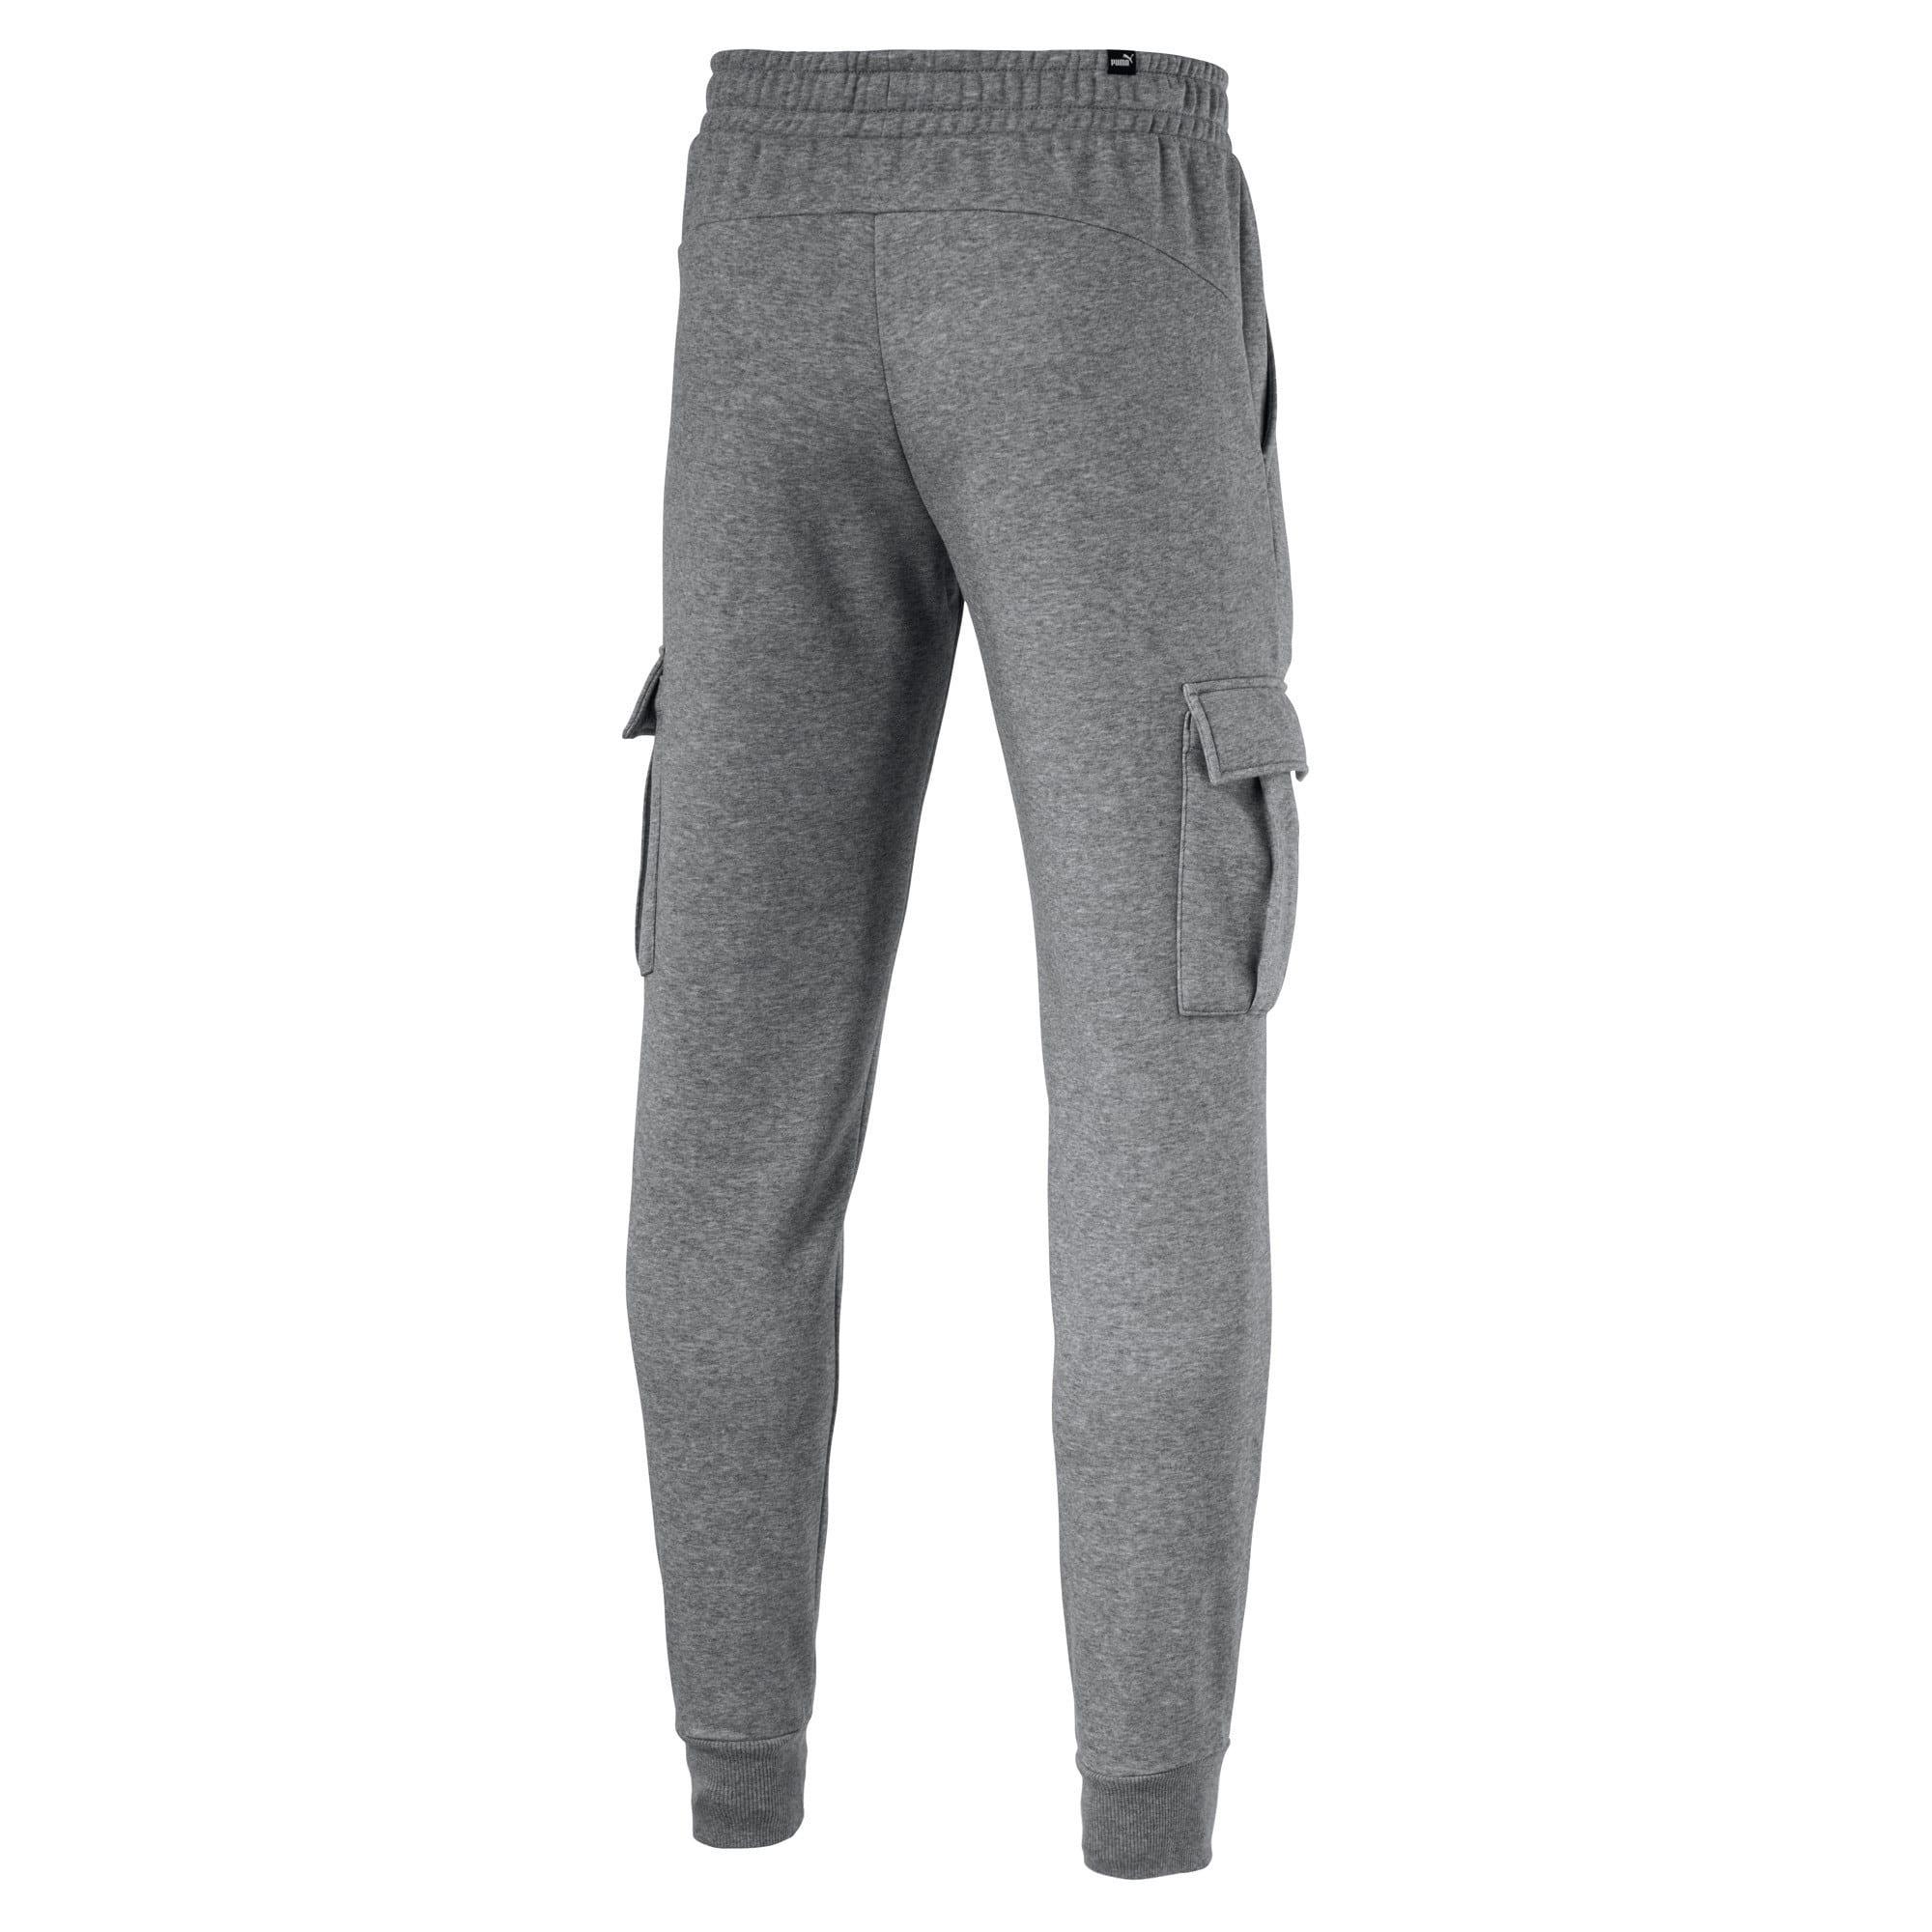 Miniatura 2 de Pantalones Essentials+ con bolsillos para hombre, Medium Gray Heather, mediano